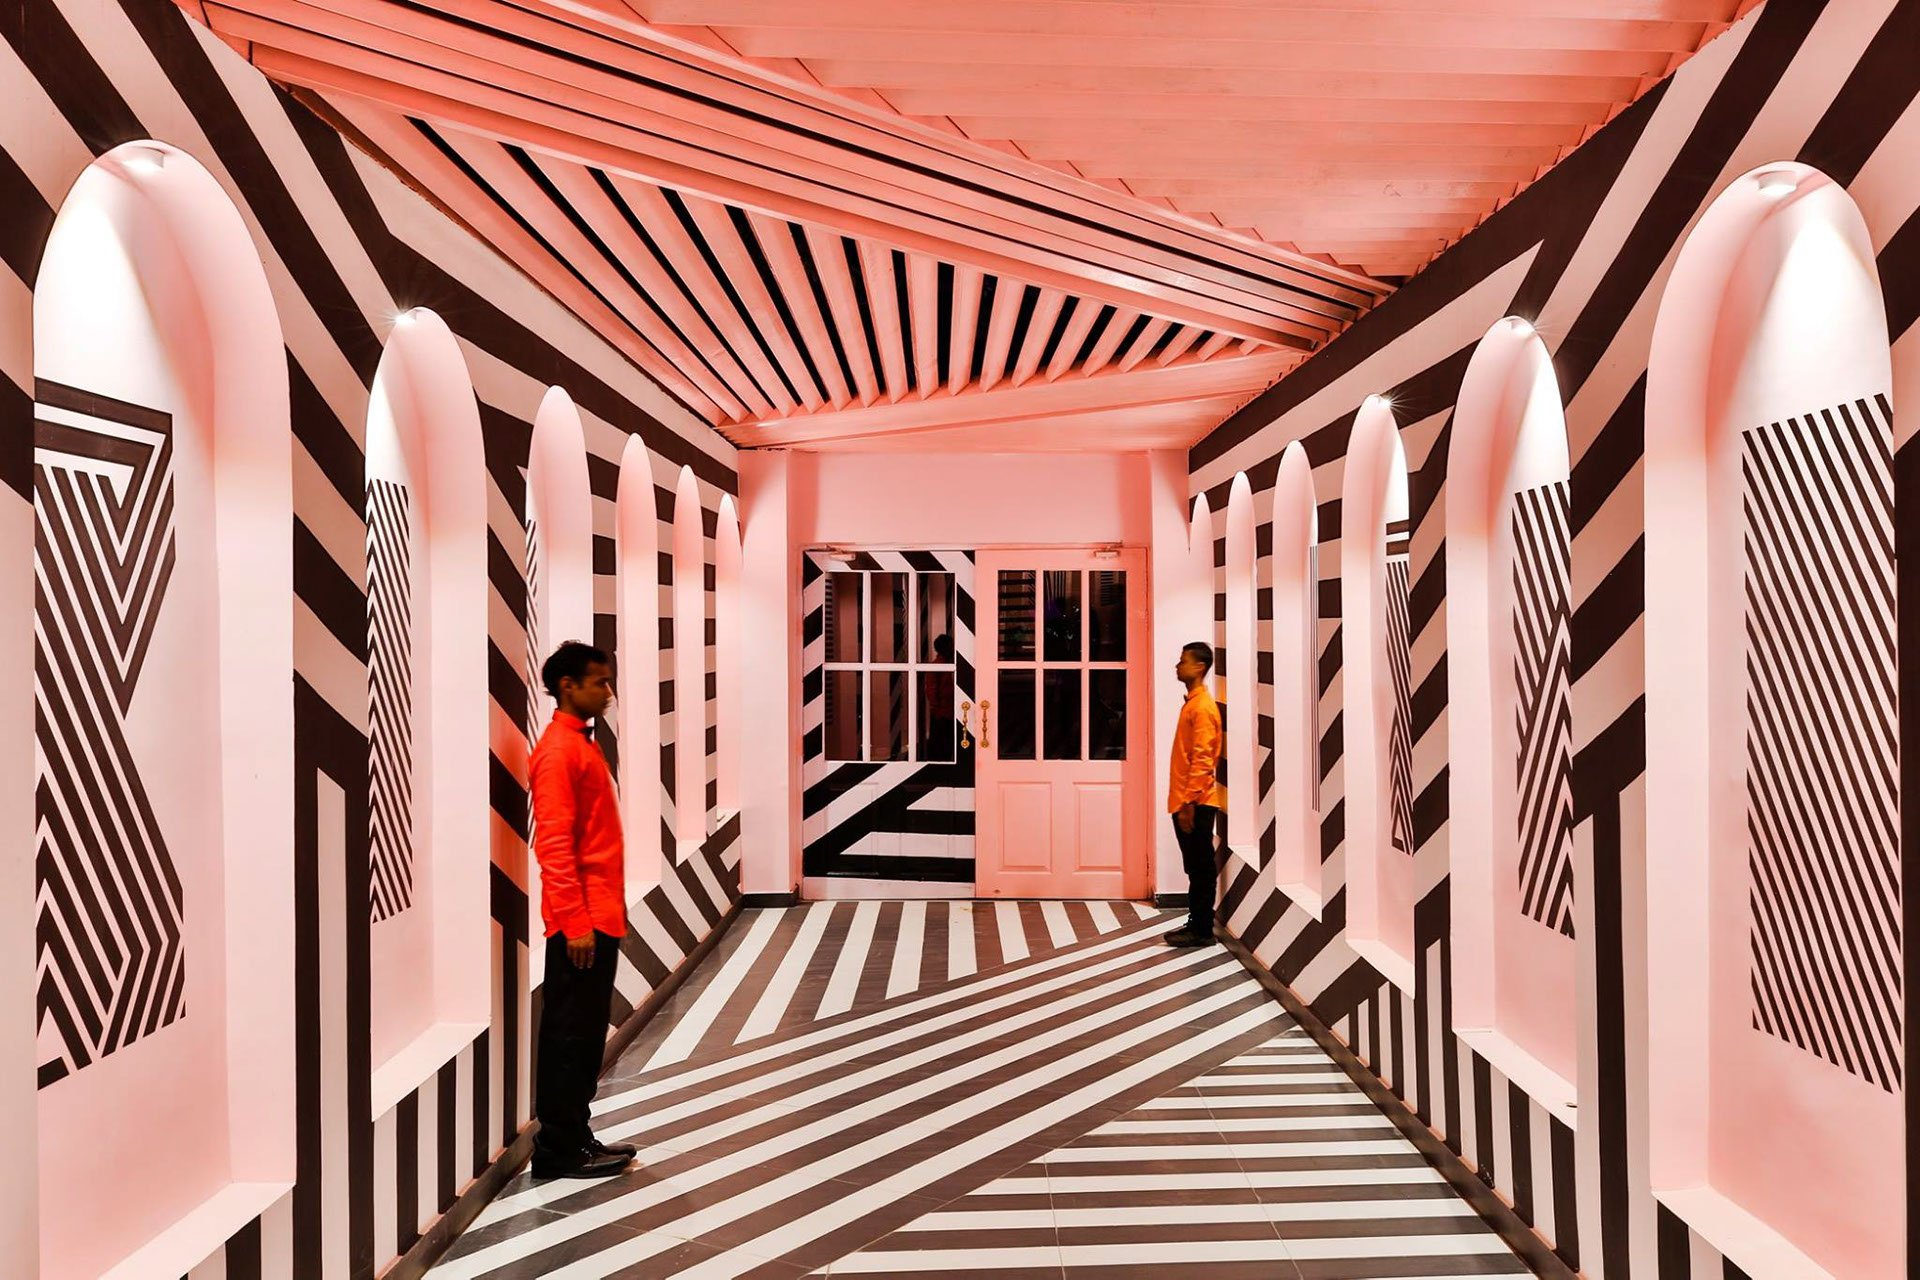 The Pink Zebra, el restaurante inspirado en las películas de Wes Anderson